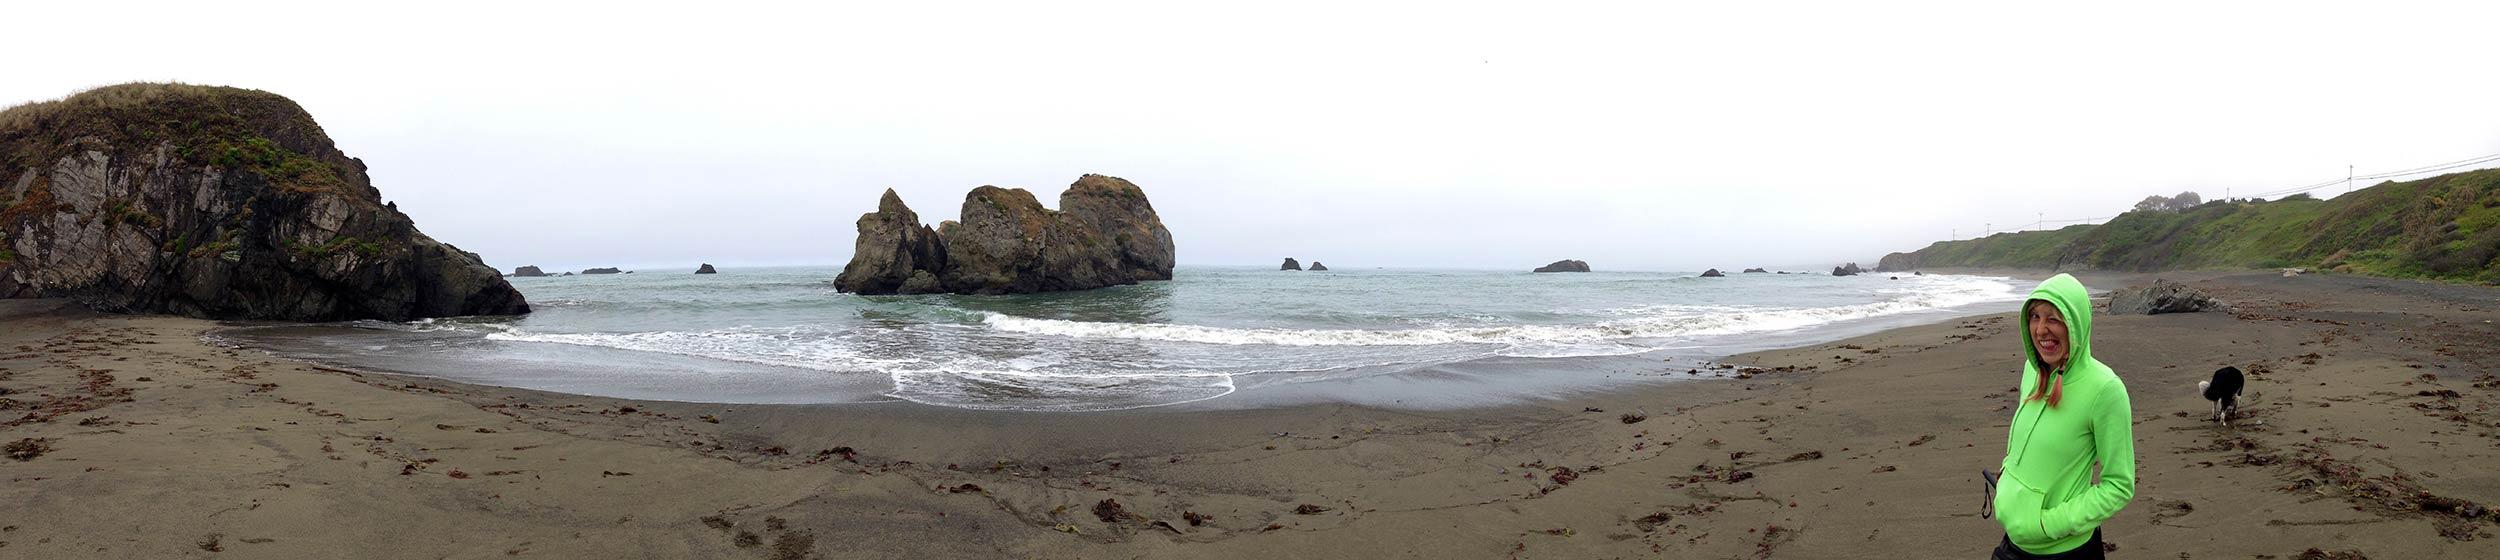 northern_california_blue_lagoon_glass_beach.jpg